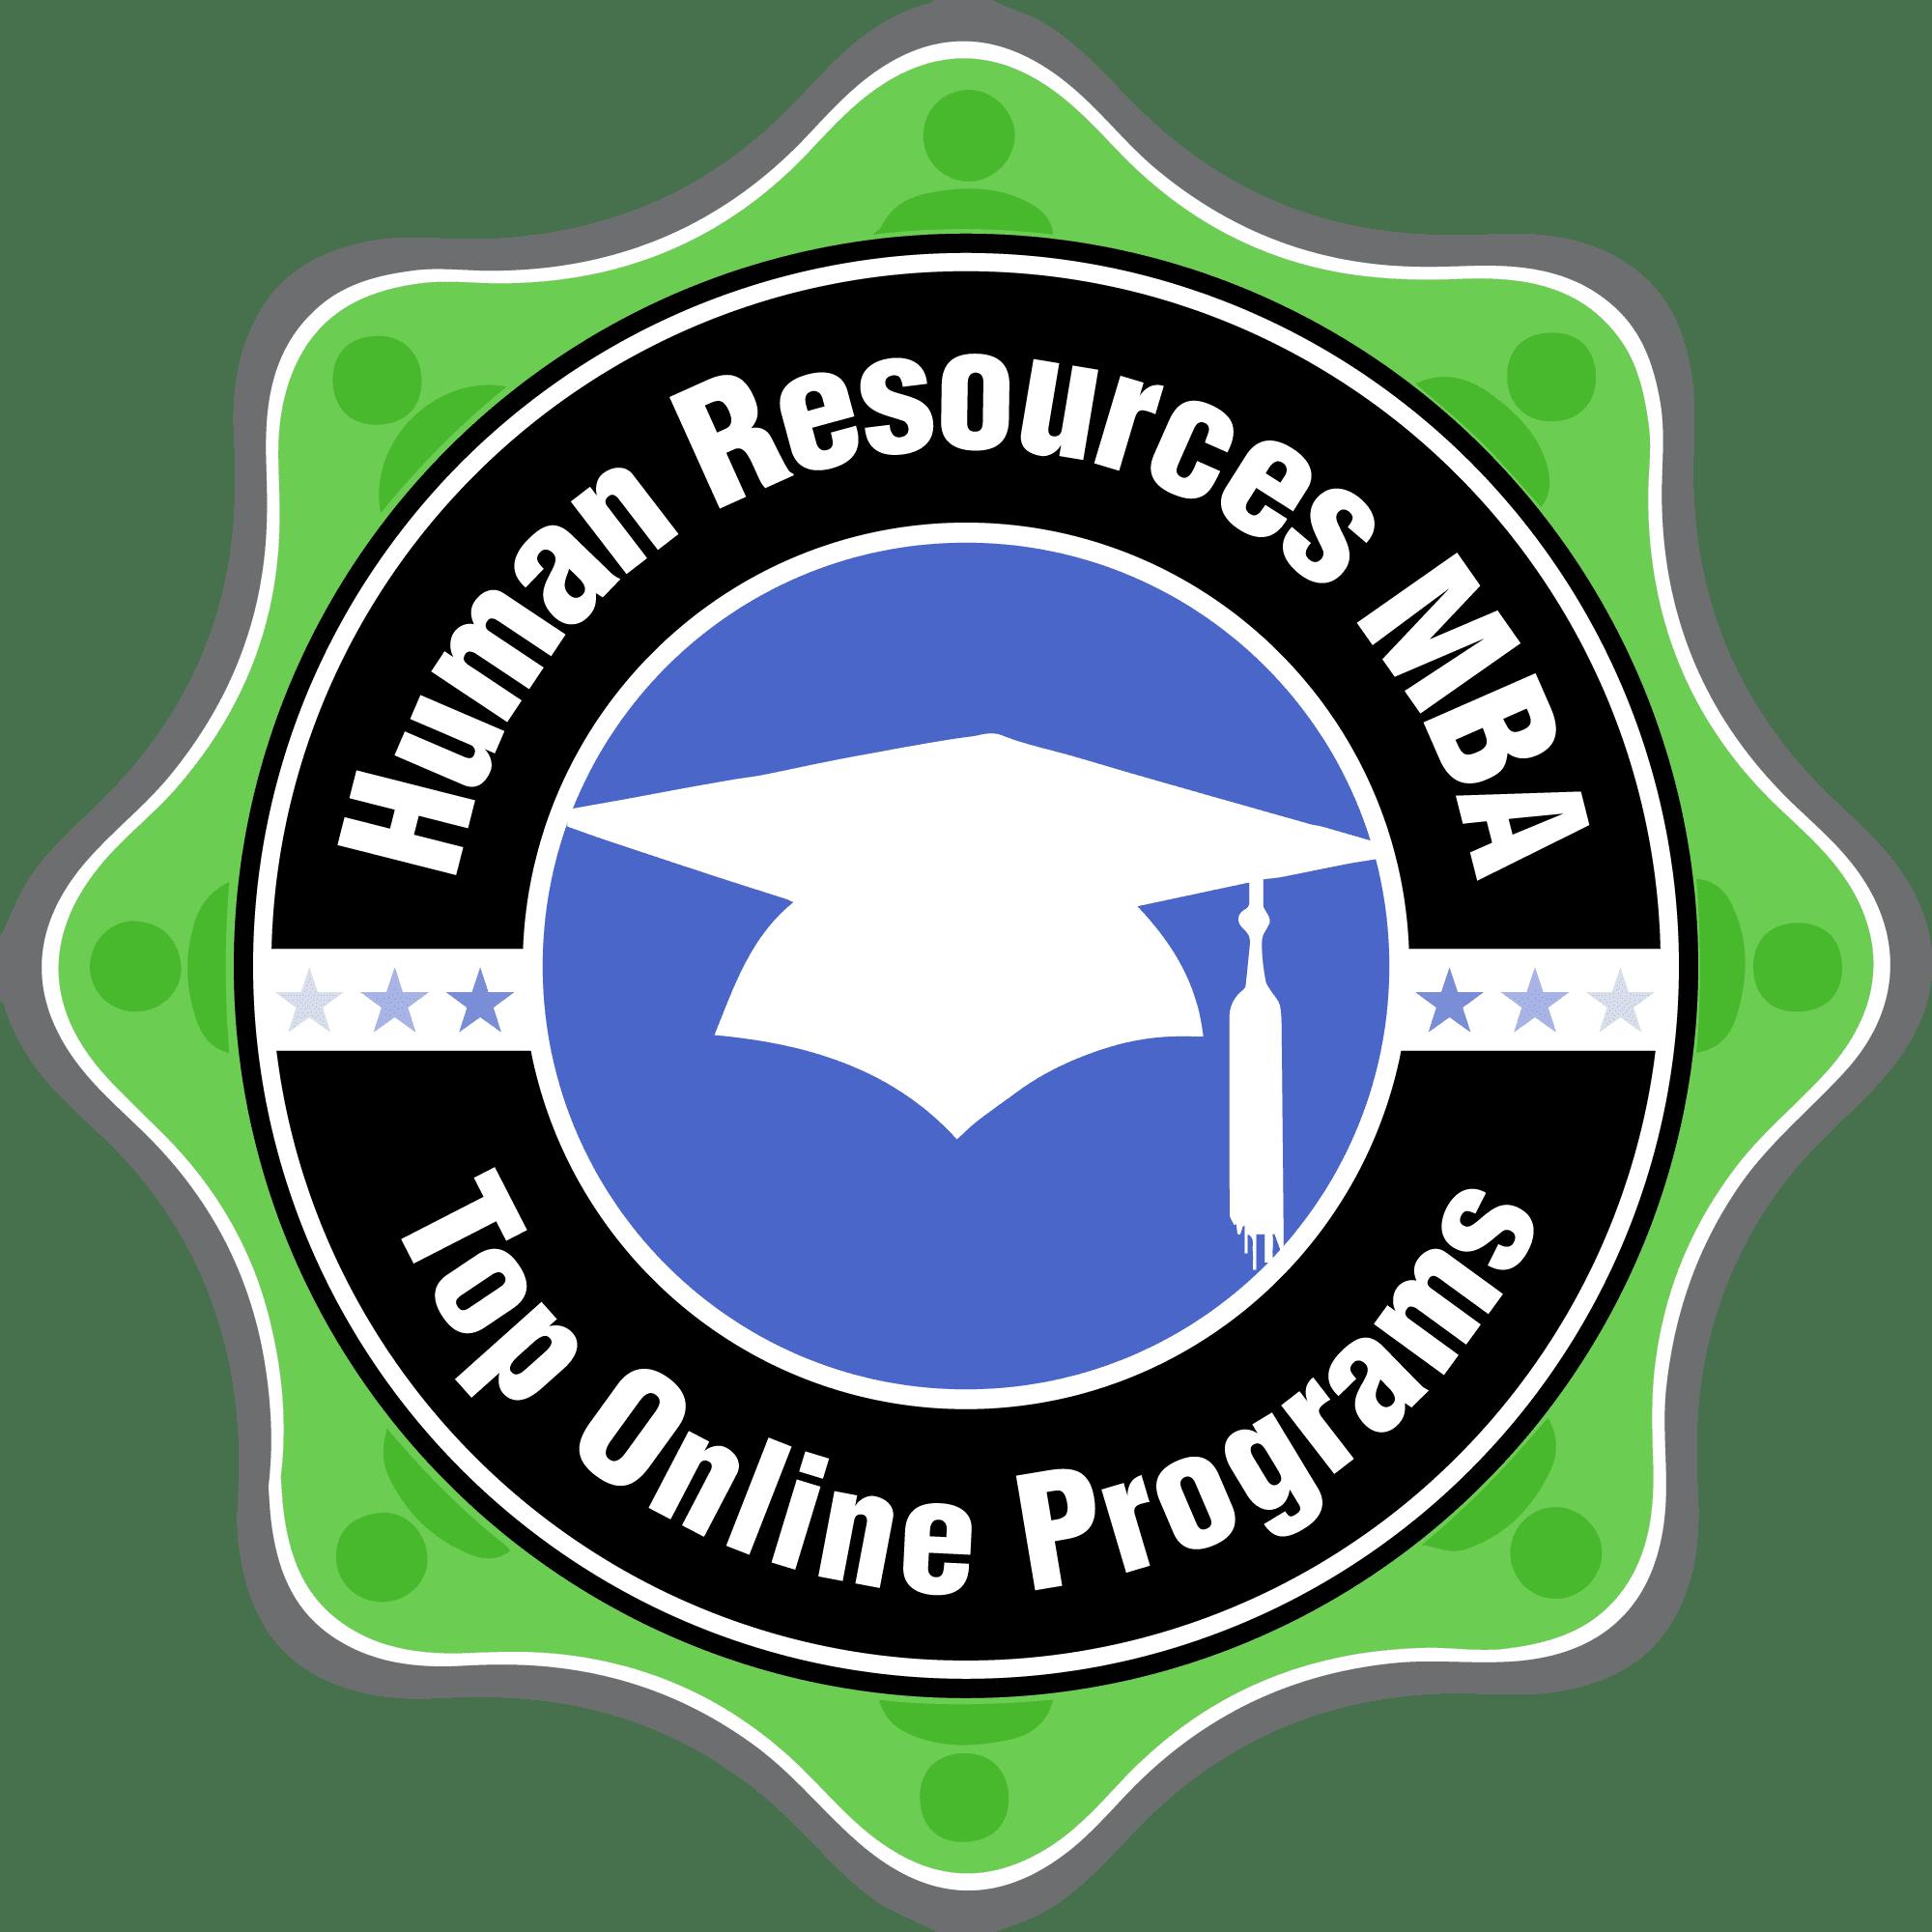 HR-MBA-Top Online Programs